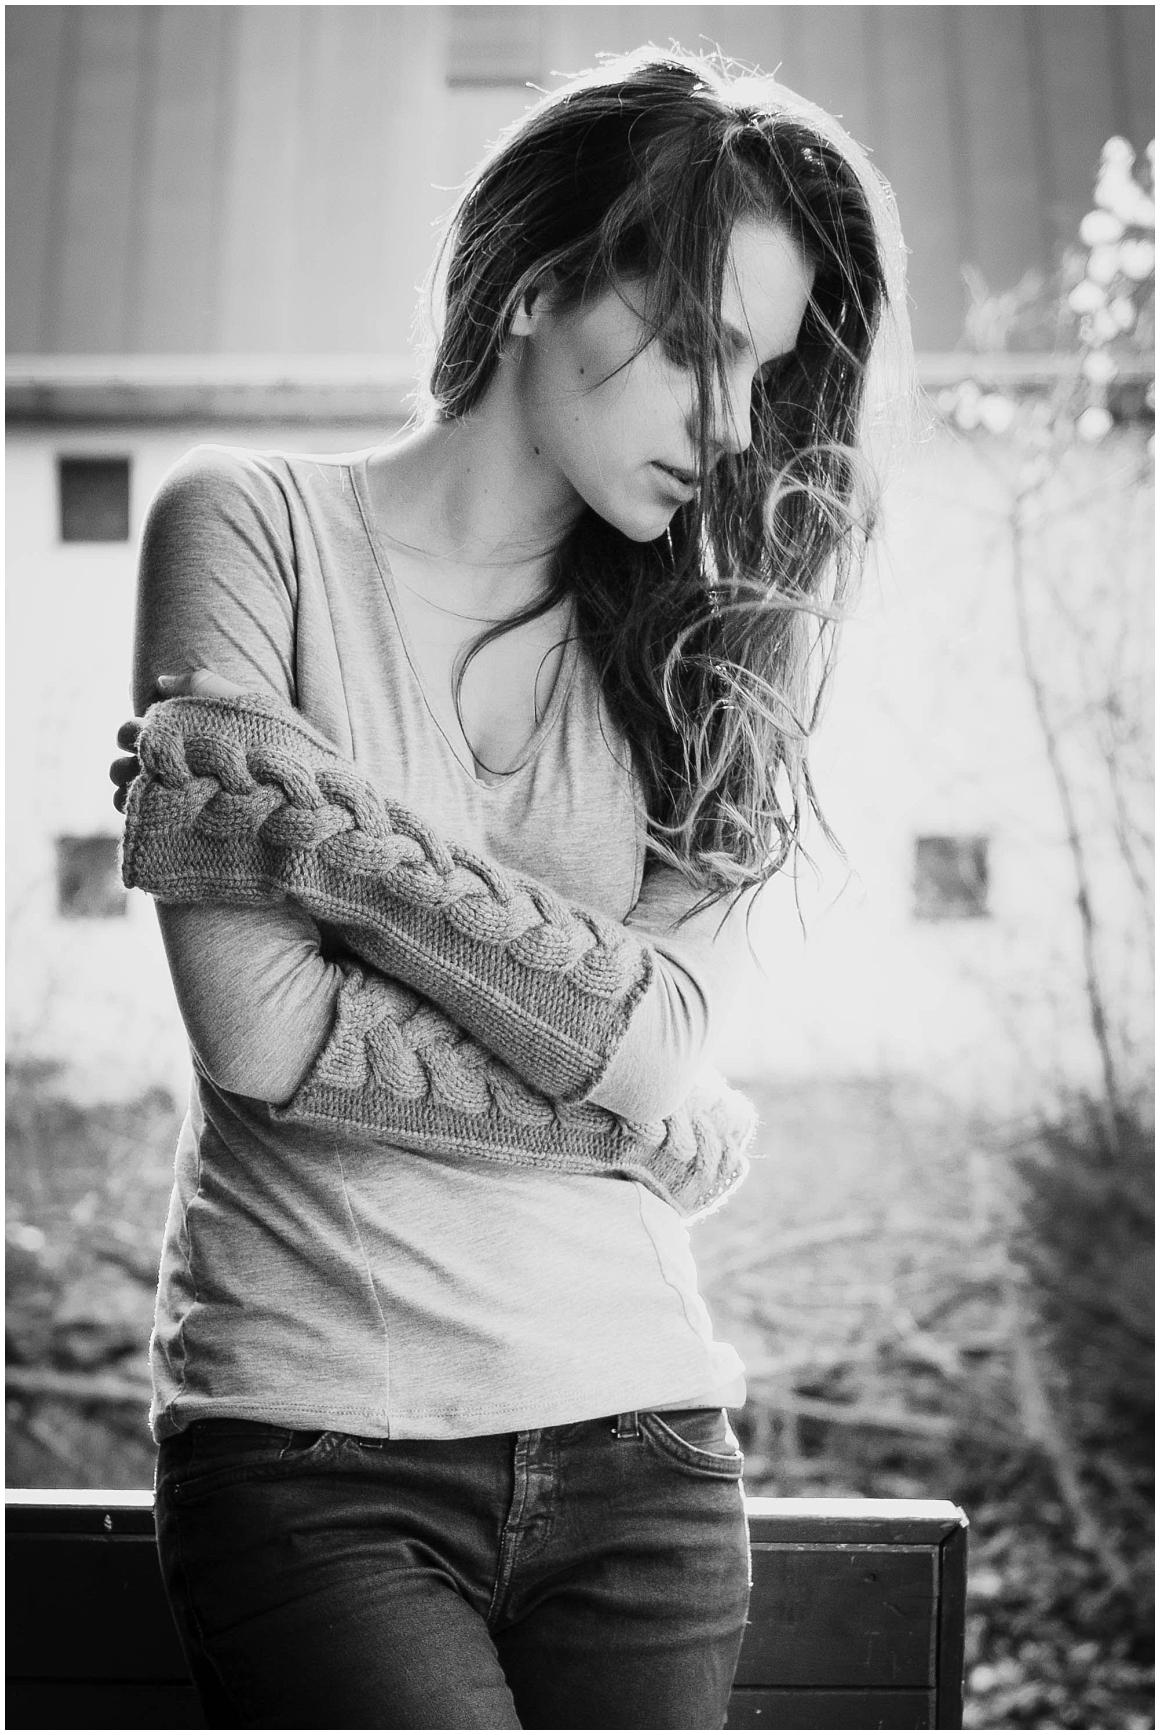 katrin-kind-portrait-fotografie-münchen-ammersee-photography-munich_0003.jpg